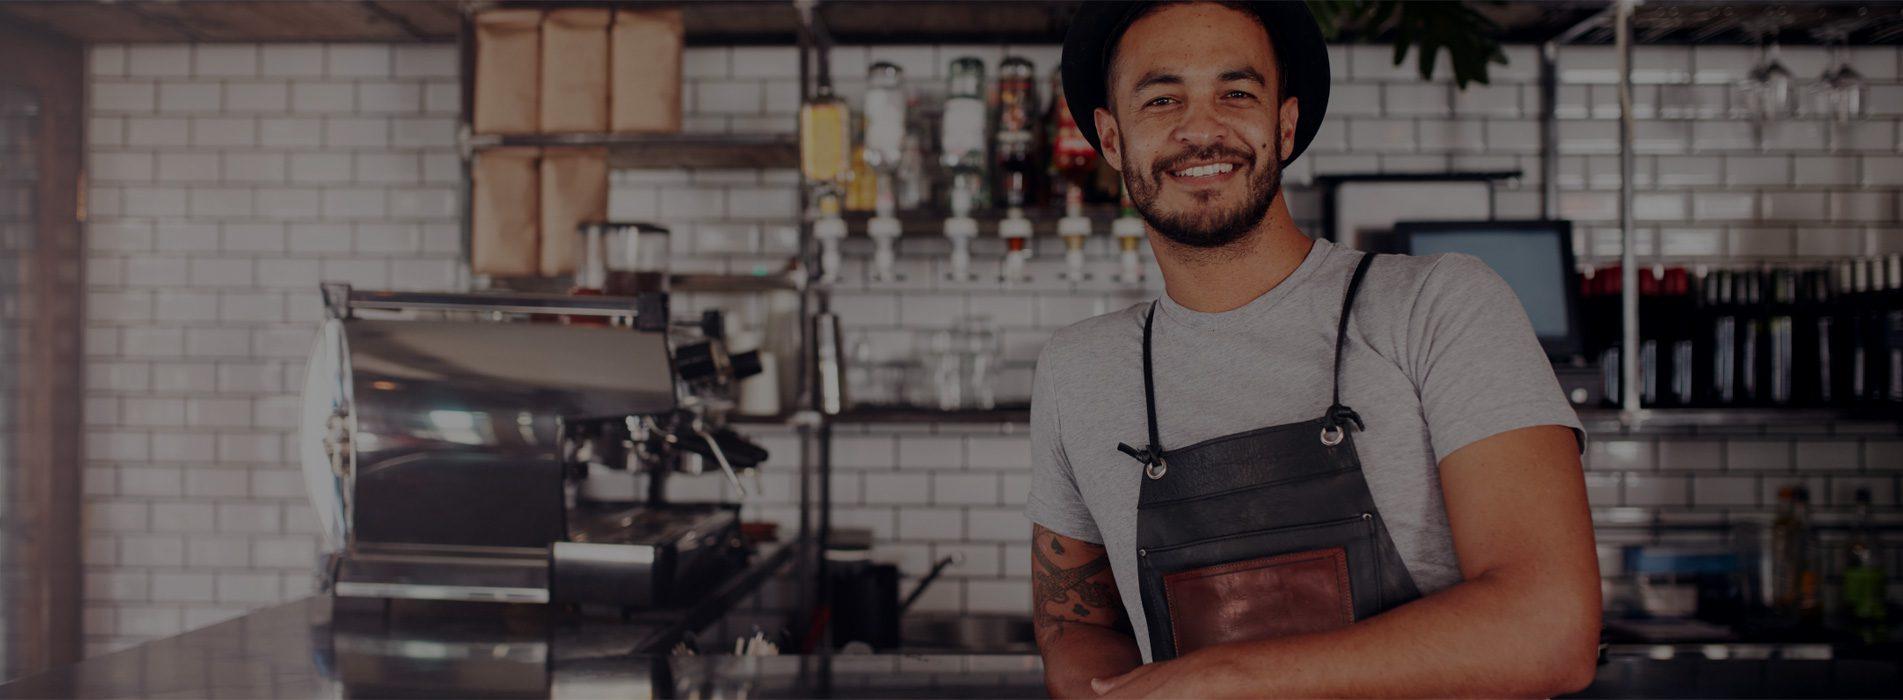 Photo of man in kitchen